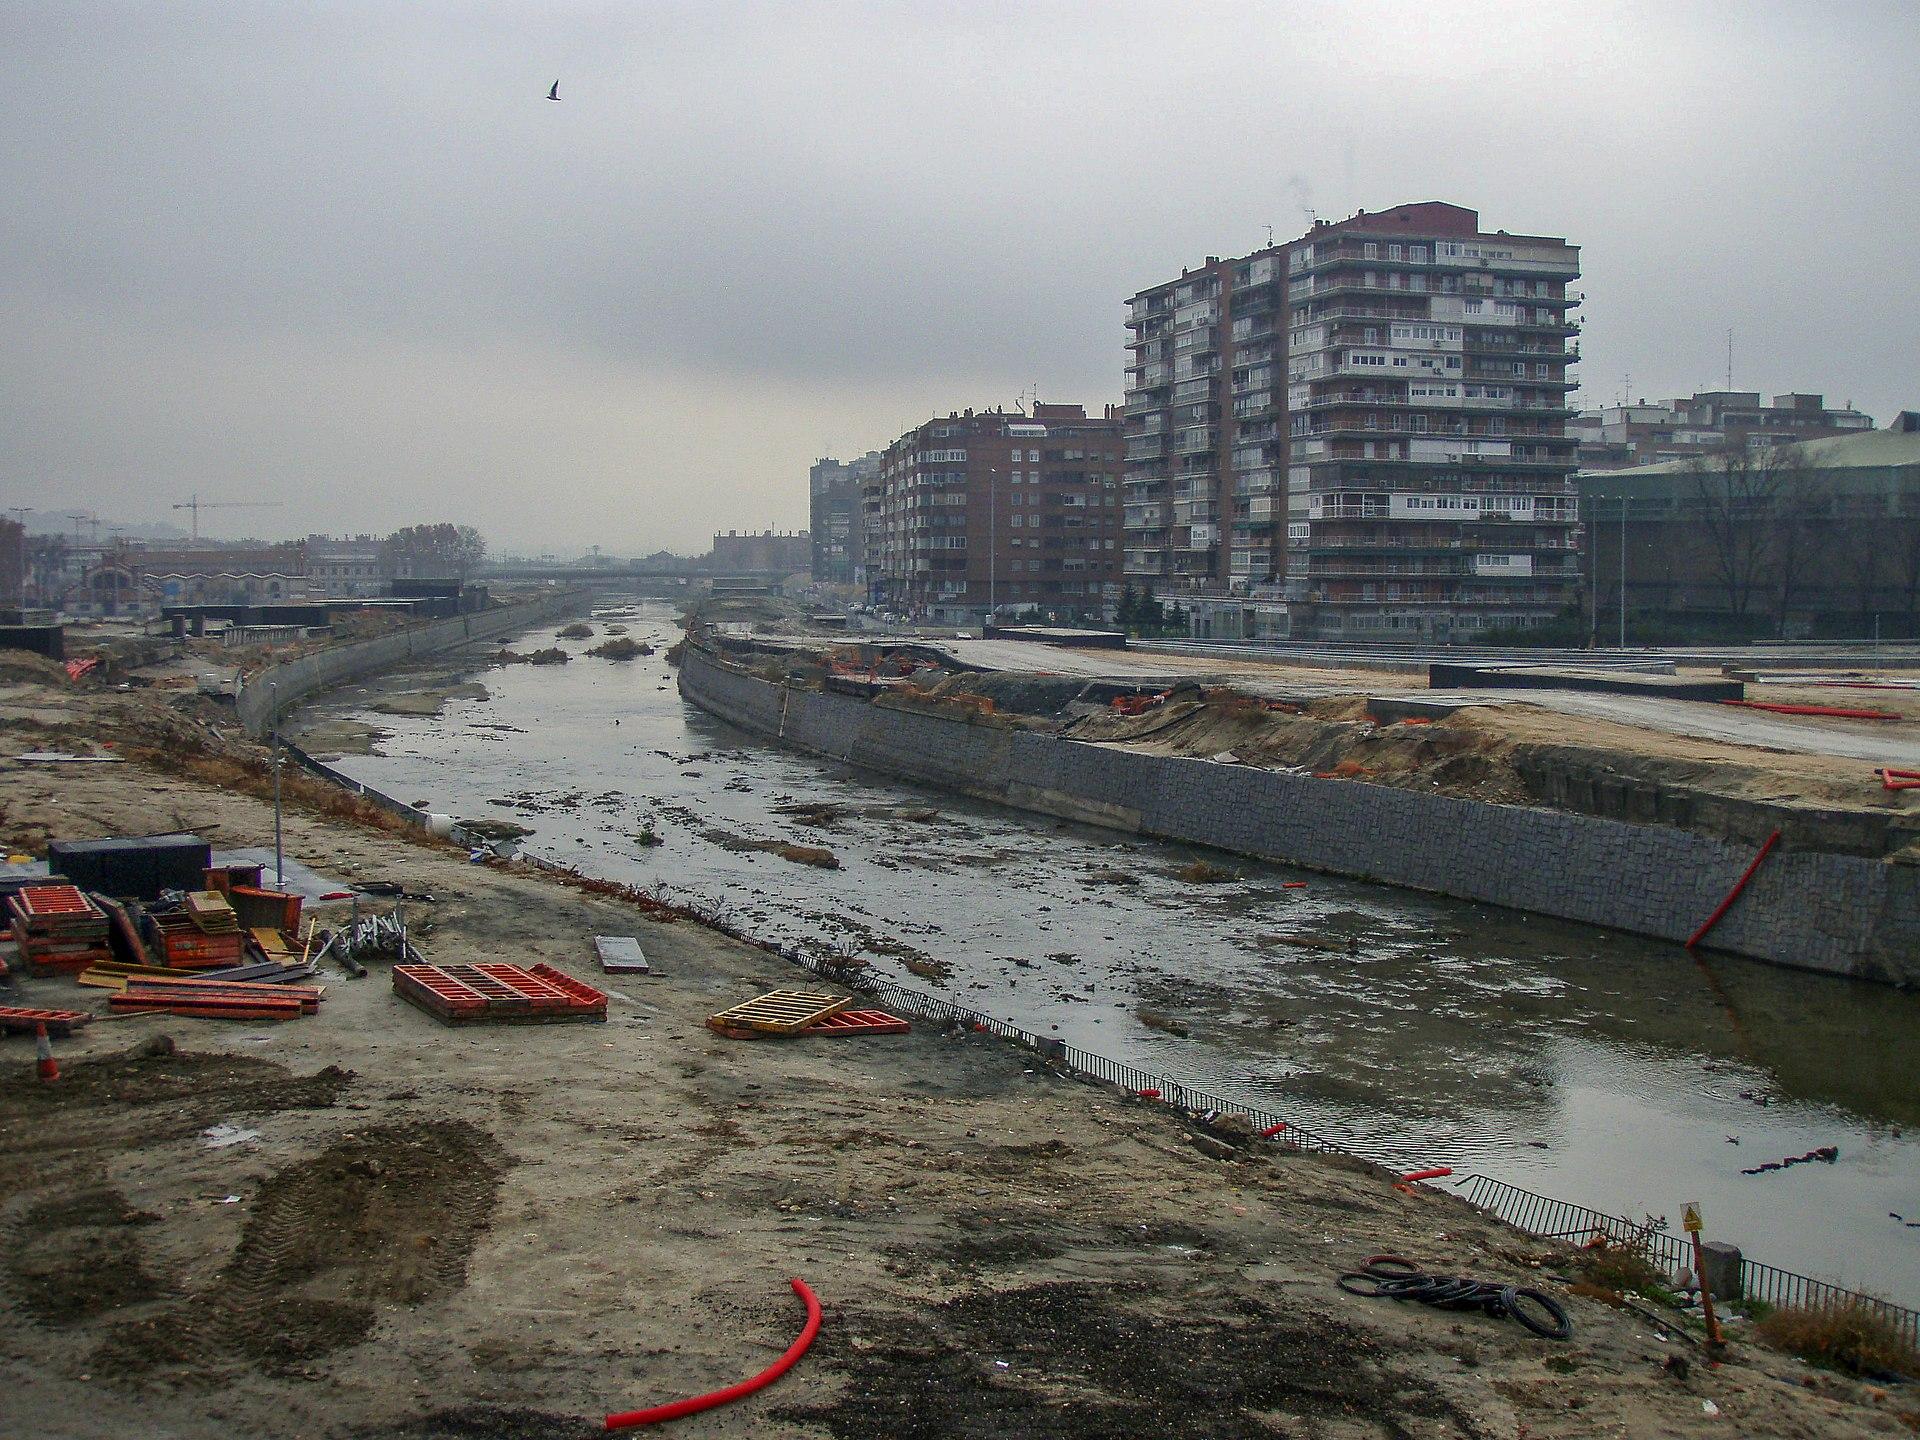 Obras en las márgenes del río. by Stromare